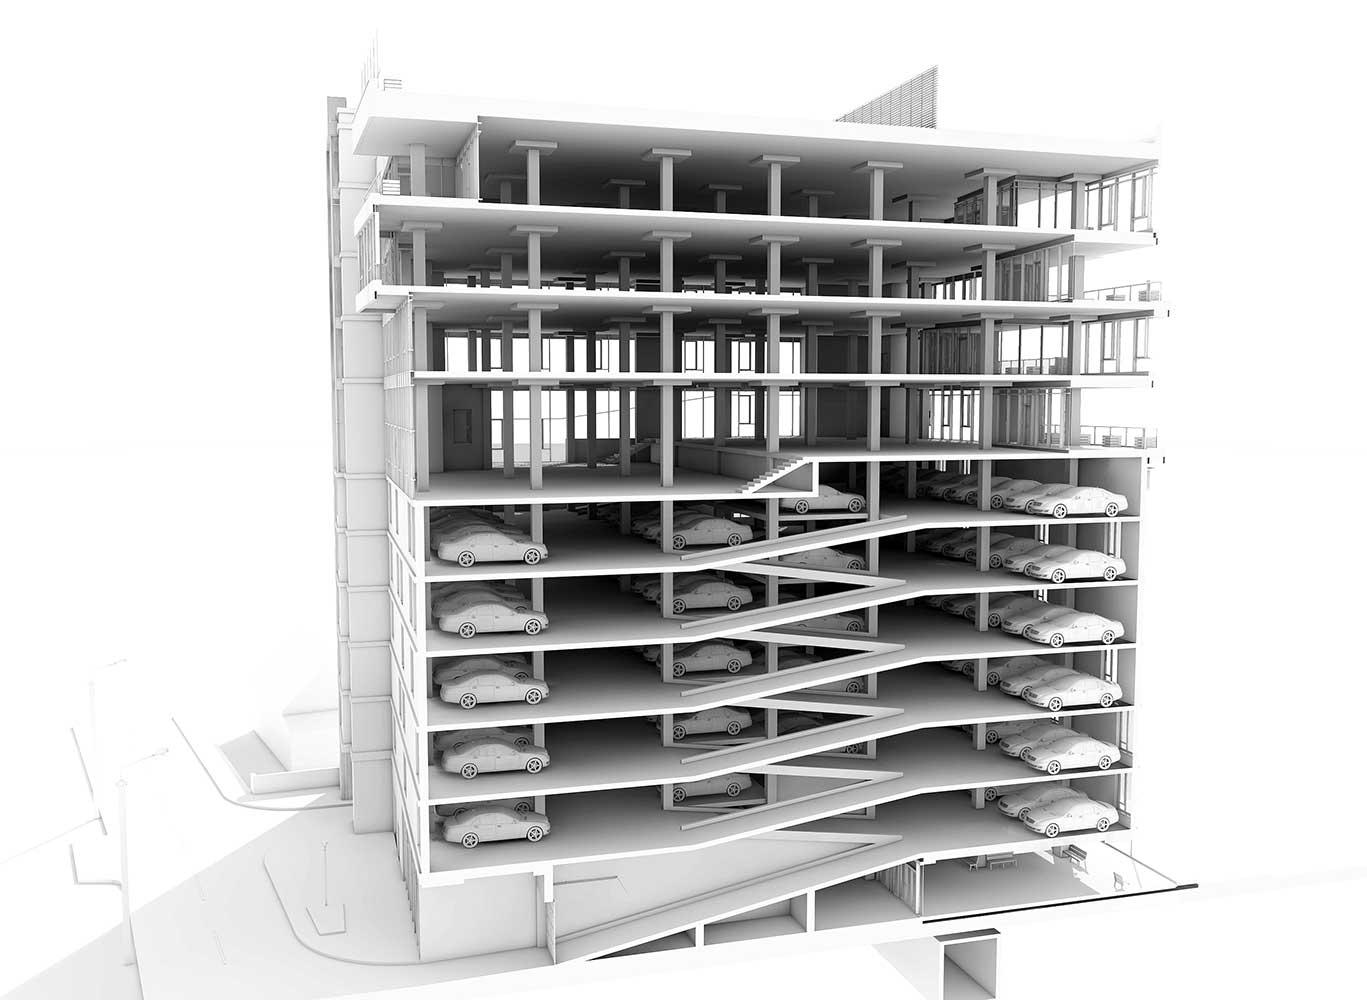 Многоэтажный торгово-бытовой комплекс с помещениями общественного назначения и паркинга (фото 11)